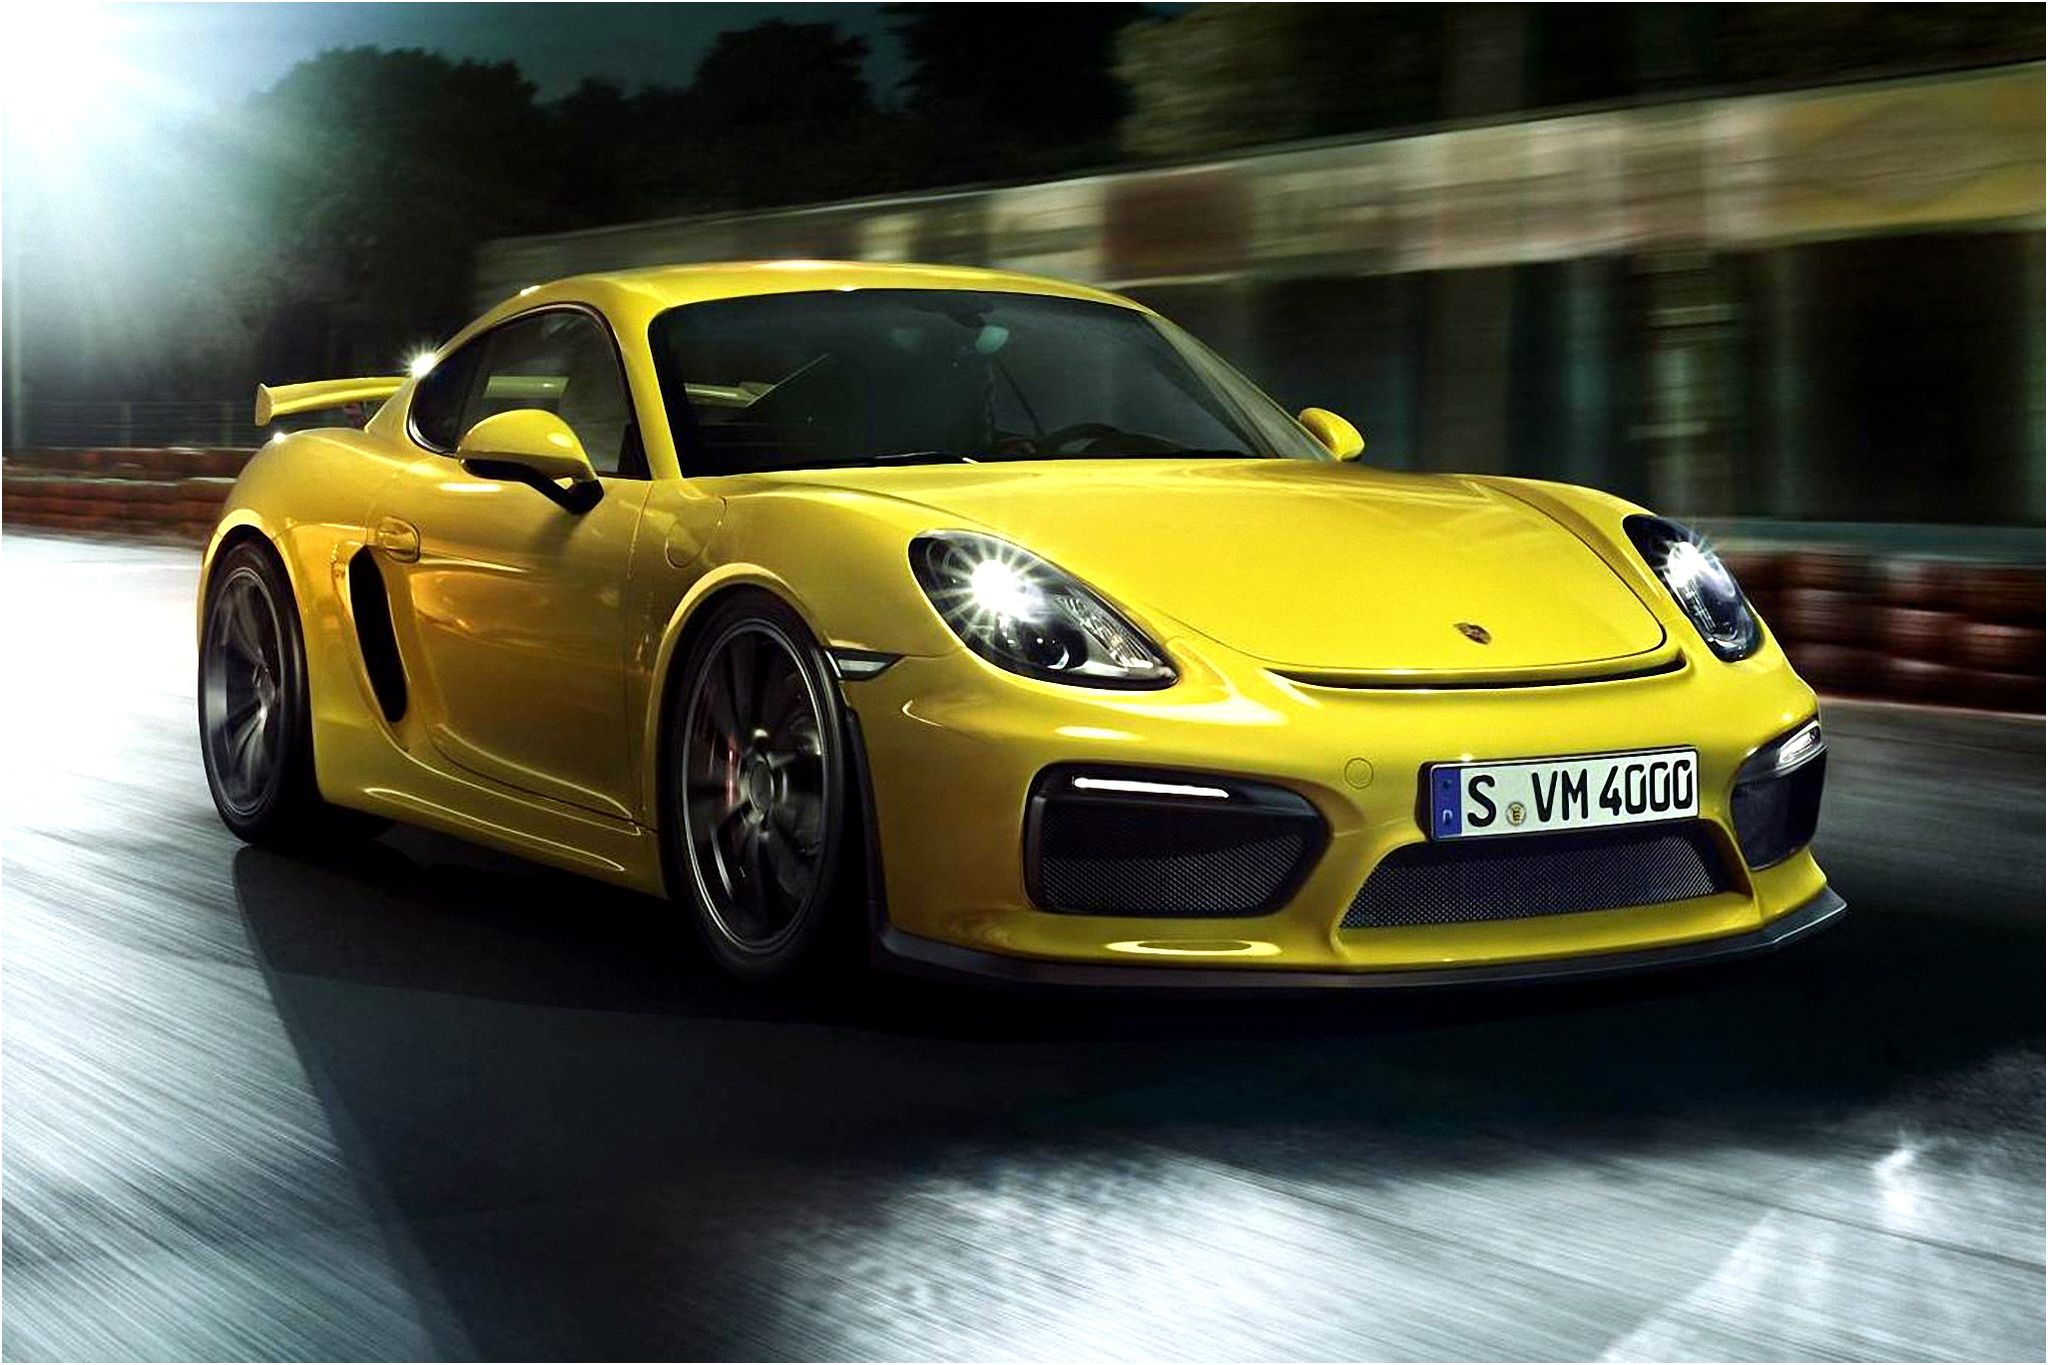 Cayman Gt4 Wall Paper: Porsche Cayman GT4 Wallpaper